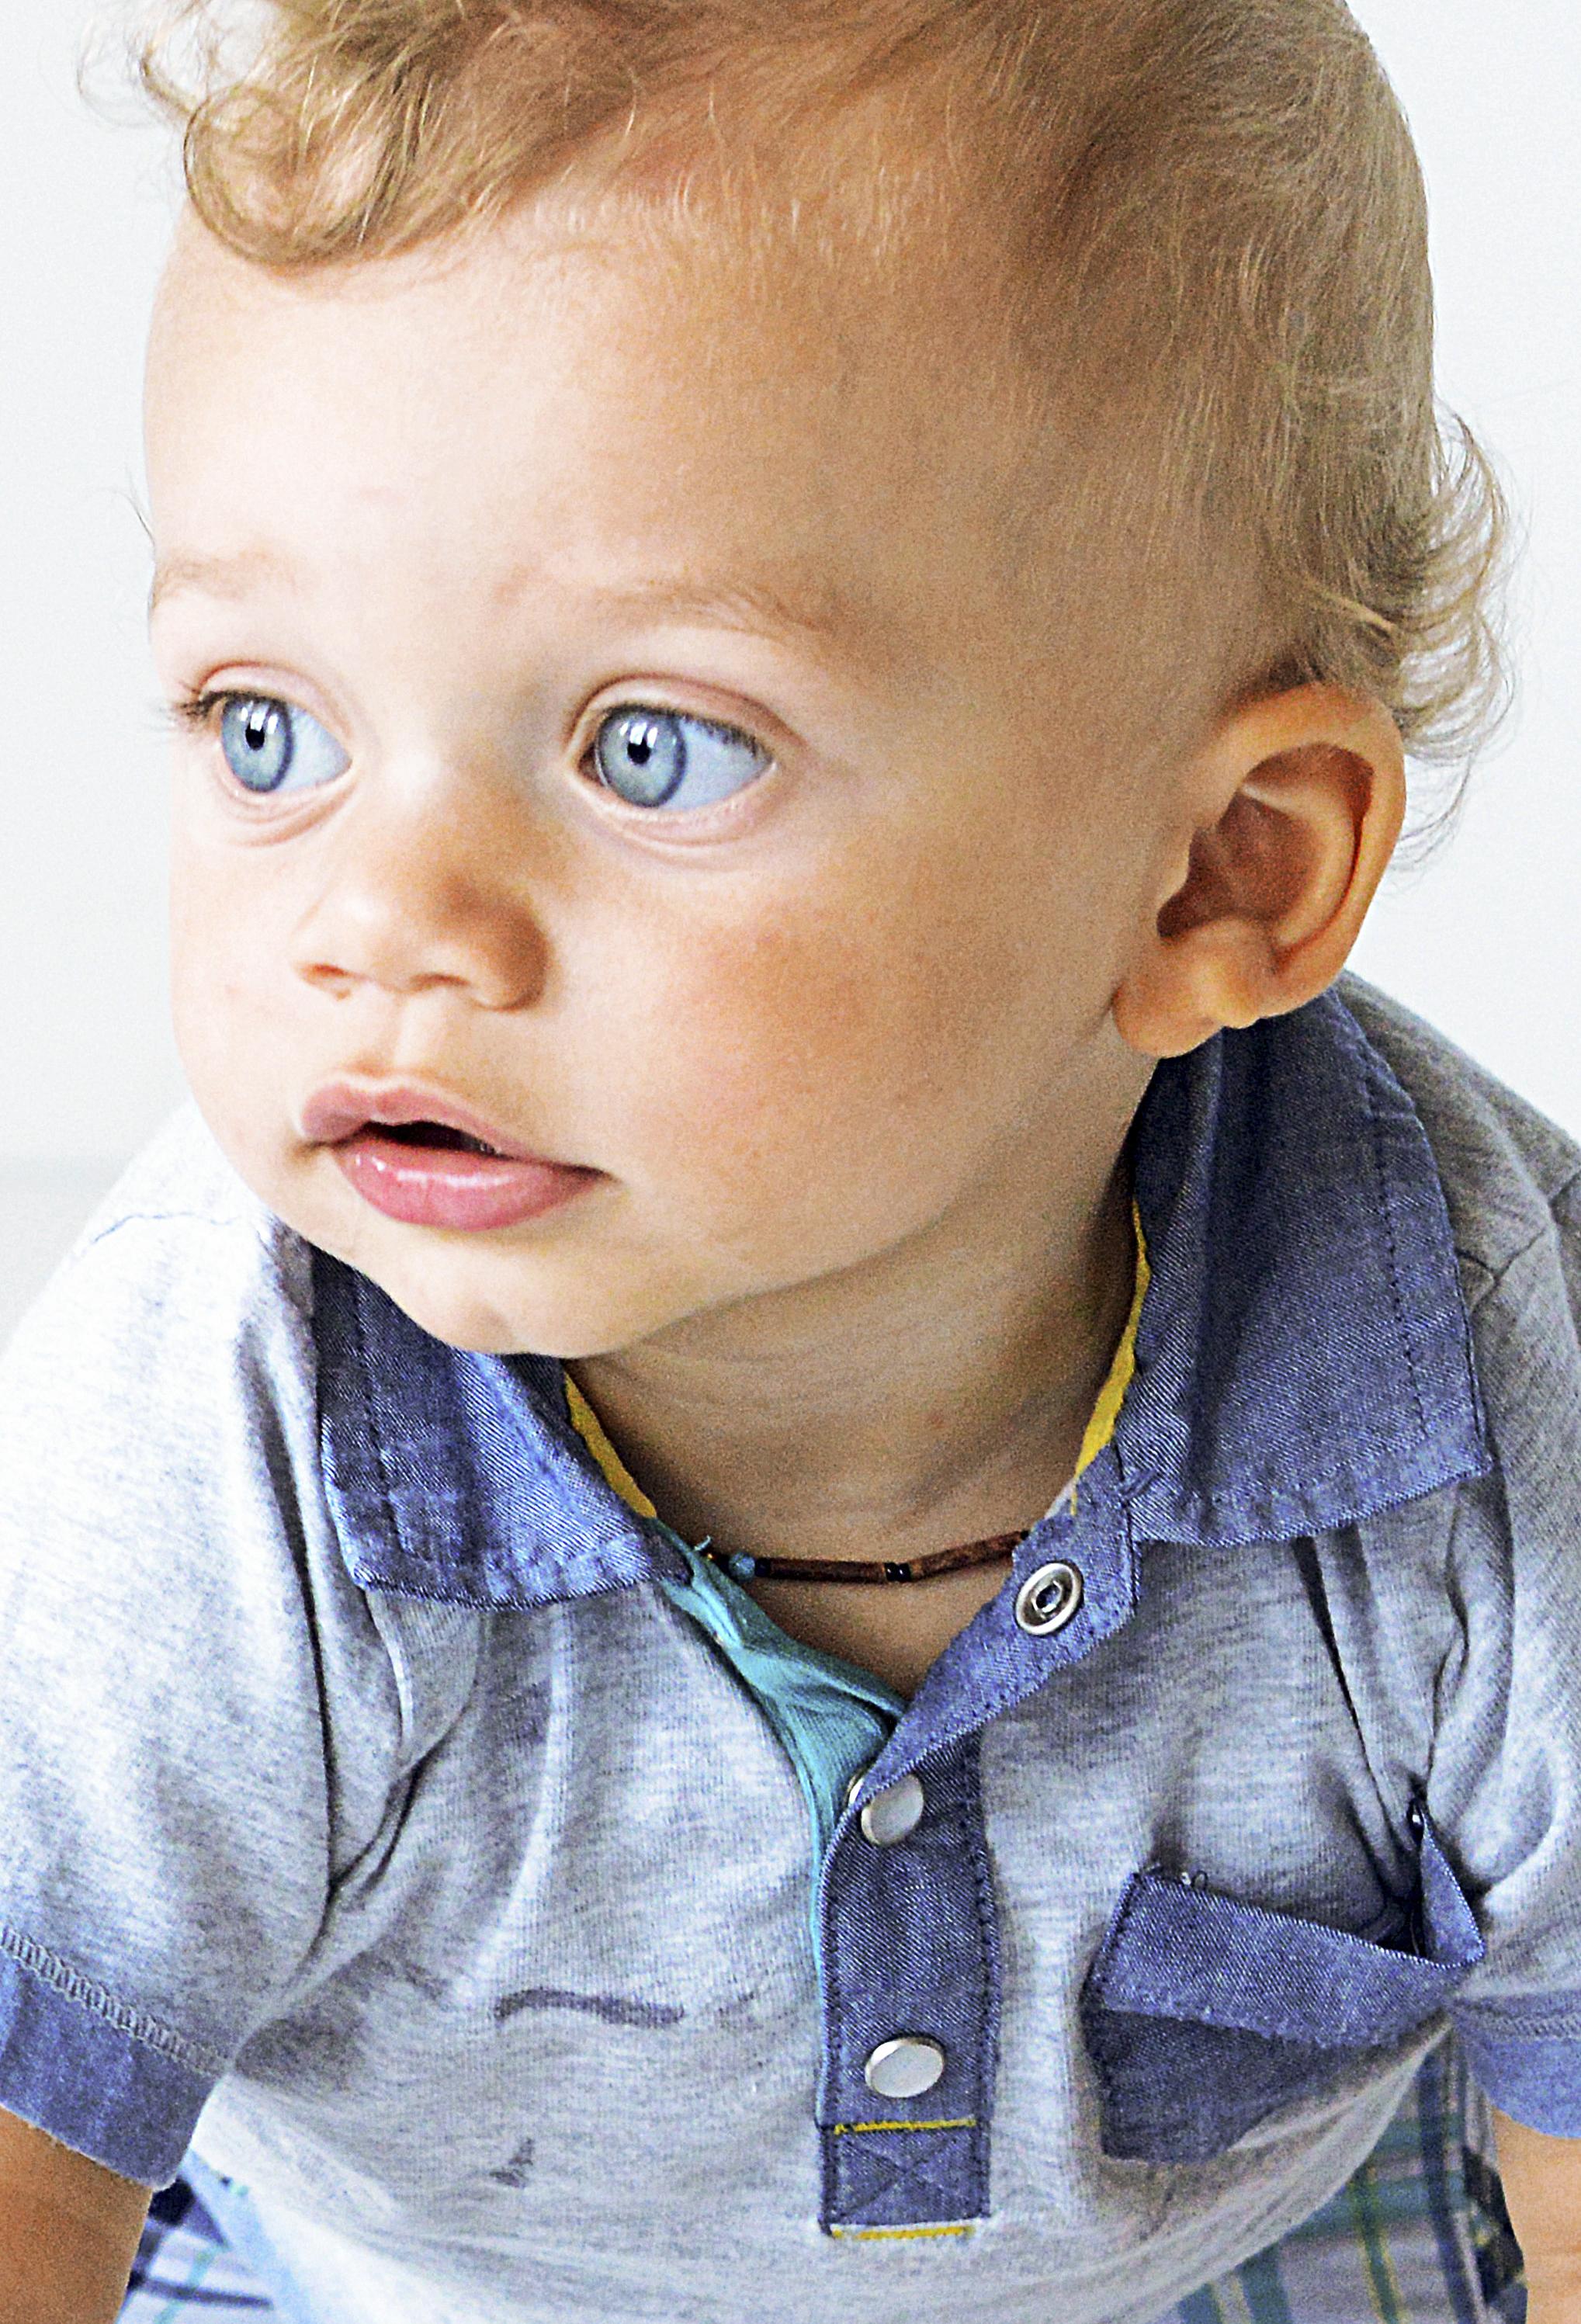 SÉANCE PHOTO BÉBÉ / NOUVEAU-NÉ - Que ce soit pour capter les premiers jours de naissance de bébé ou pour capturer l'évolution de votre enfant, nous déploierons tous nos efforts pour faire ressortir son plus beau sourire.À partir de 200.00$ pour séance de 45 minutes.35$ / retouche additionnelle.